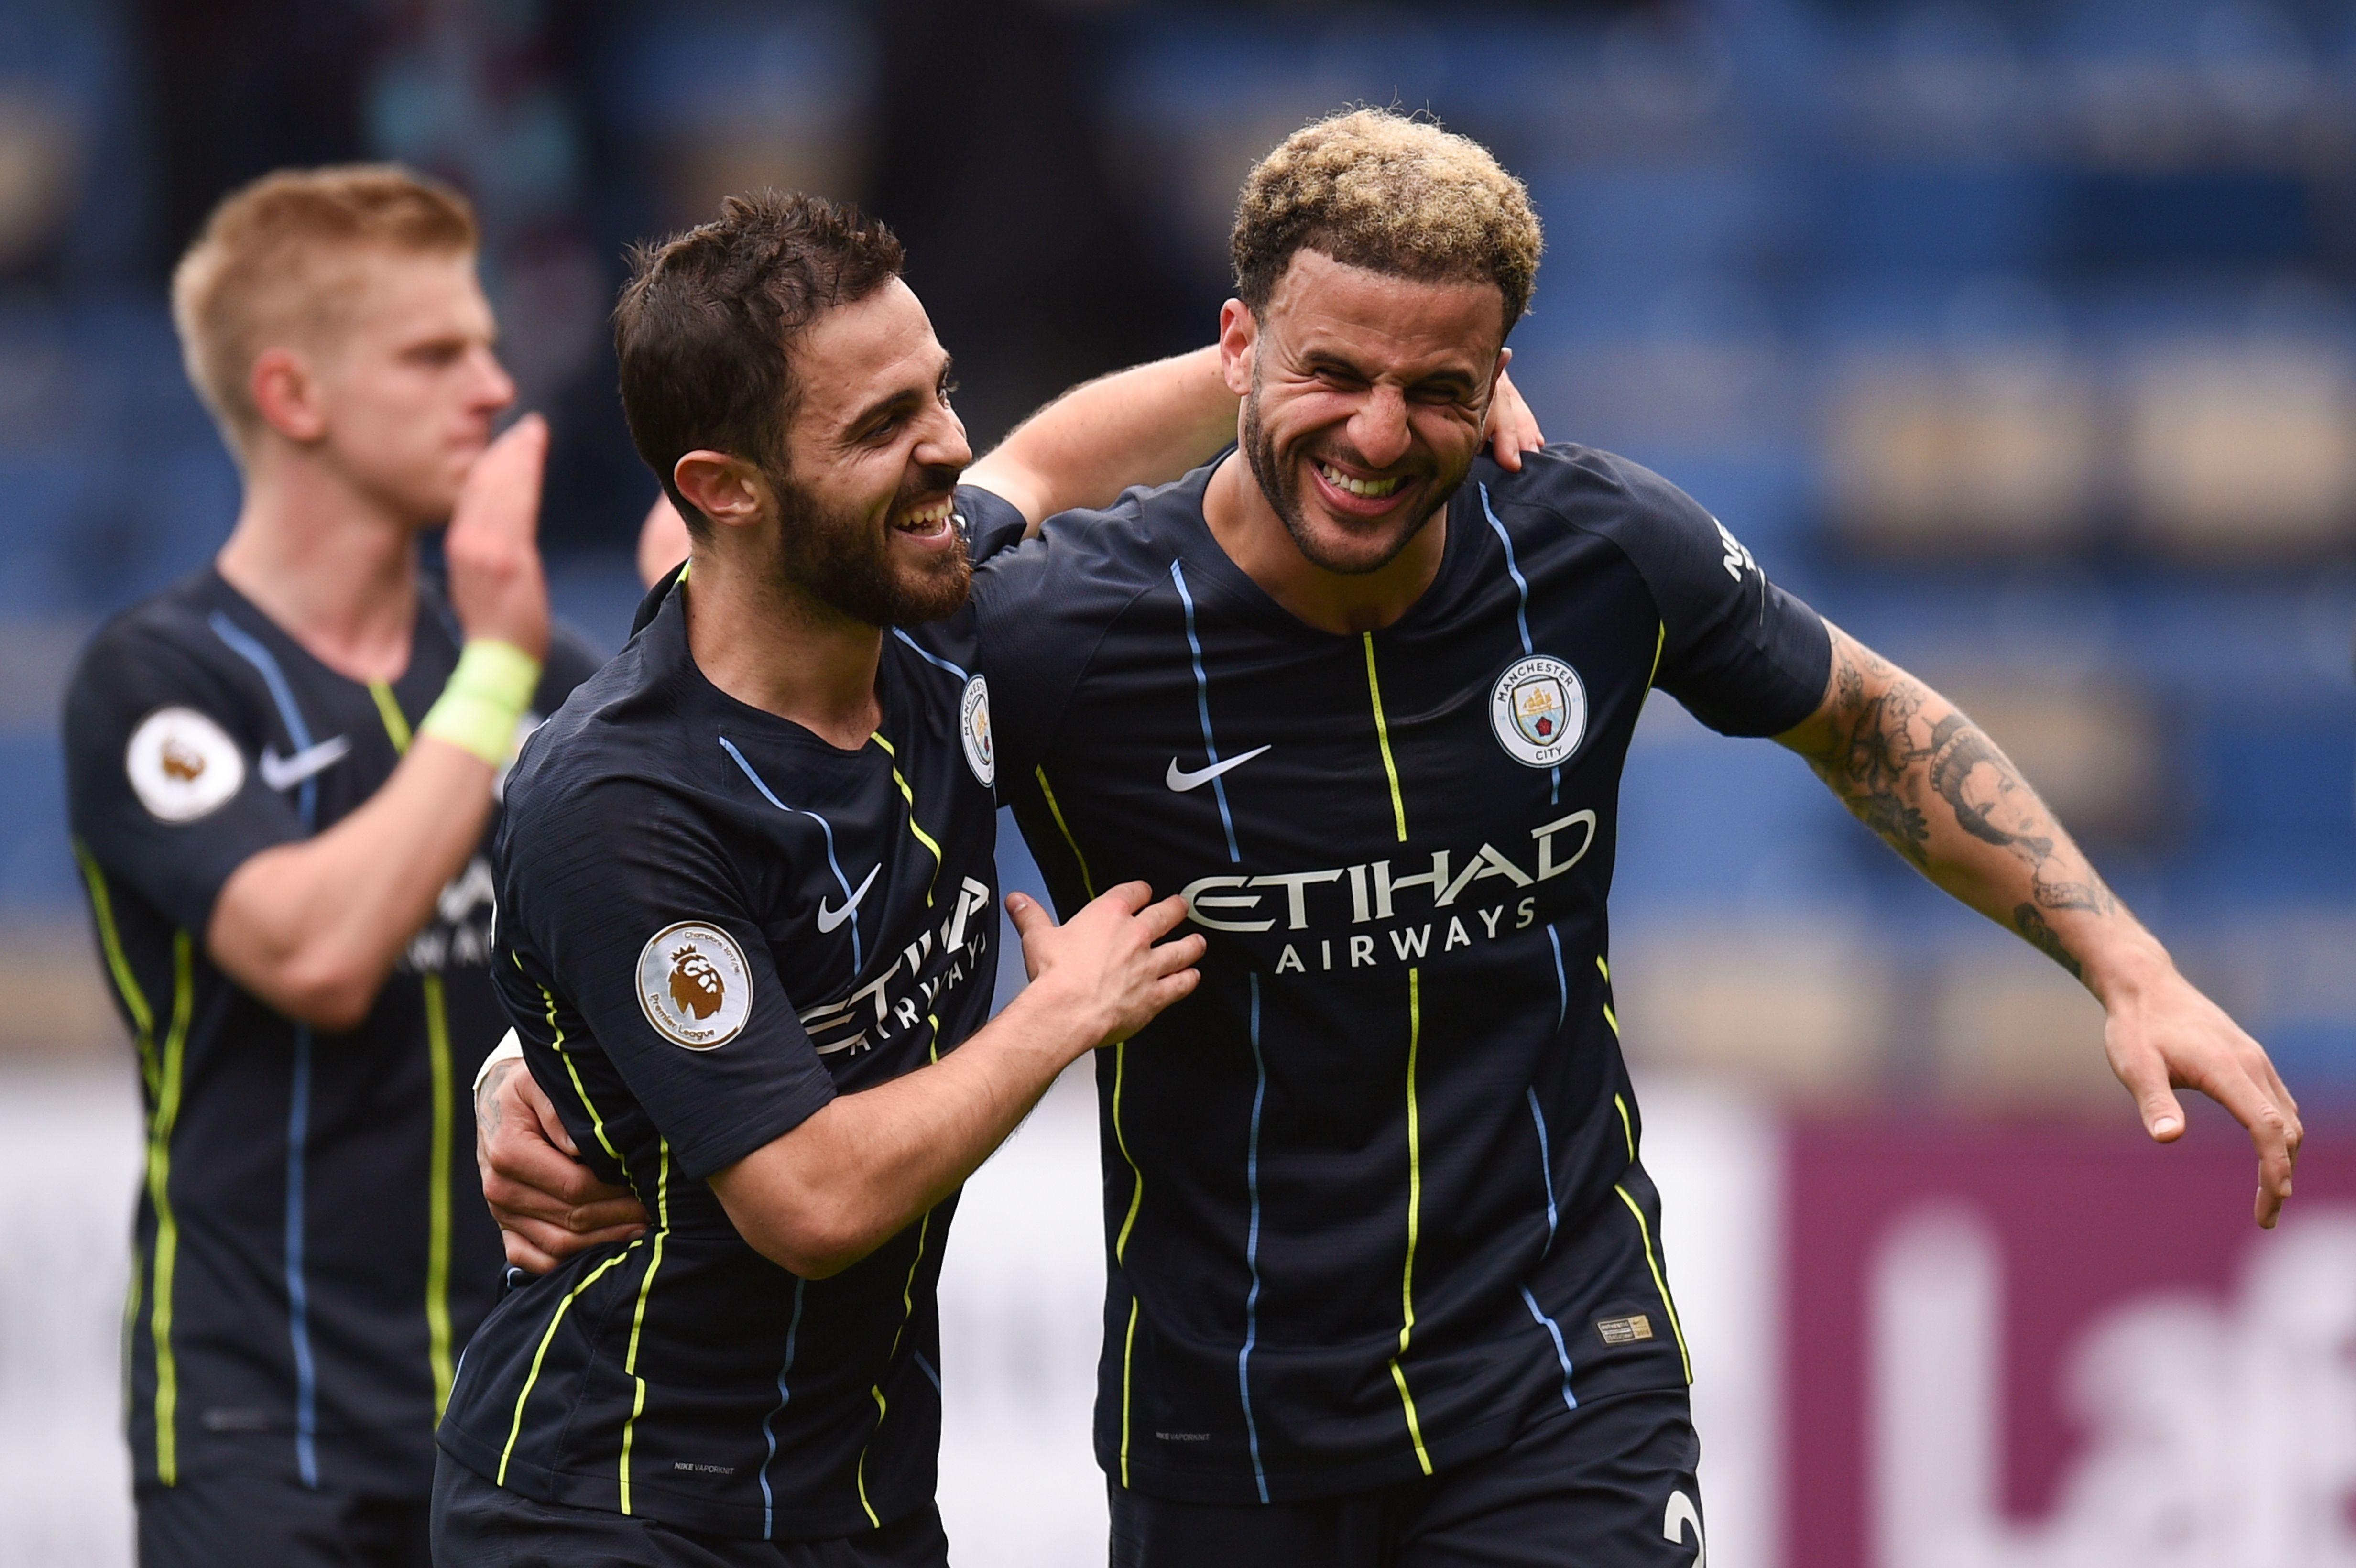 El Manchester City y el Liverpool luchan por el título de la Premier. (Foto Prensa Libre: AFP)